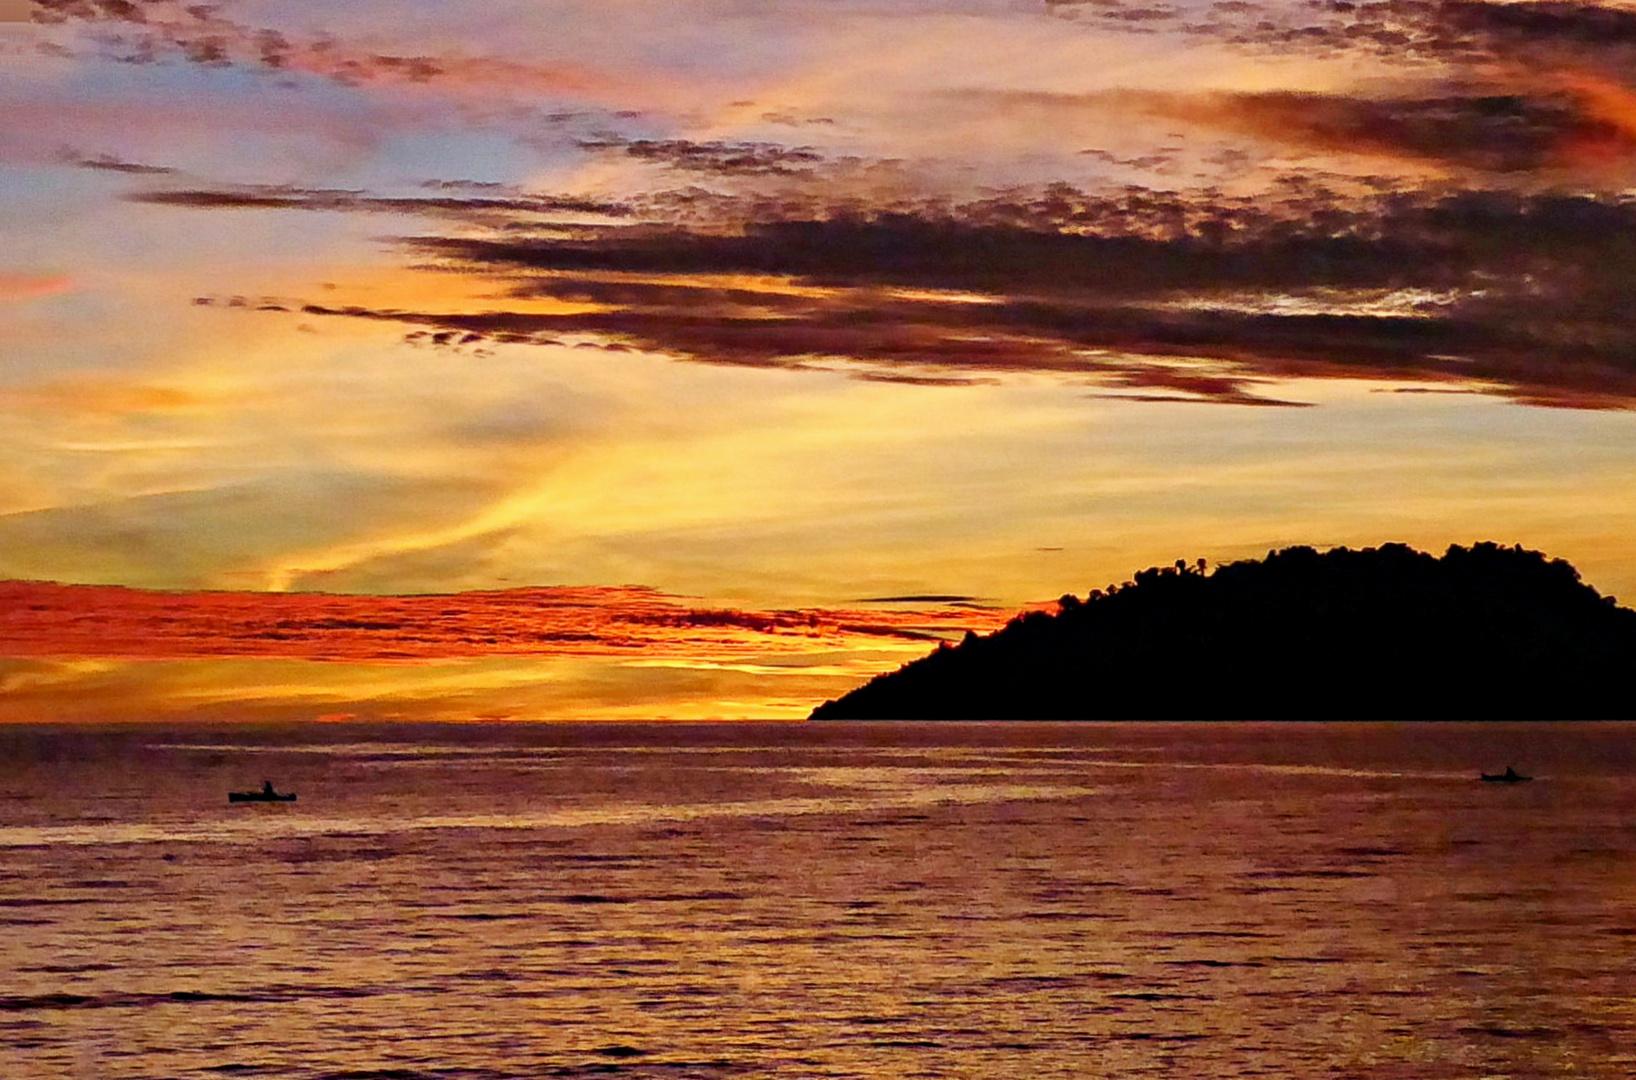 coucher de soleil inoubliable